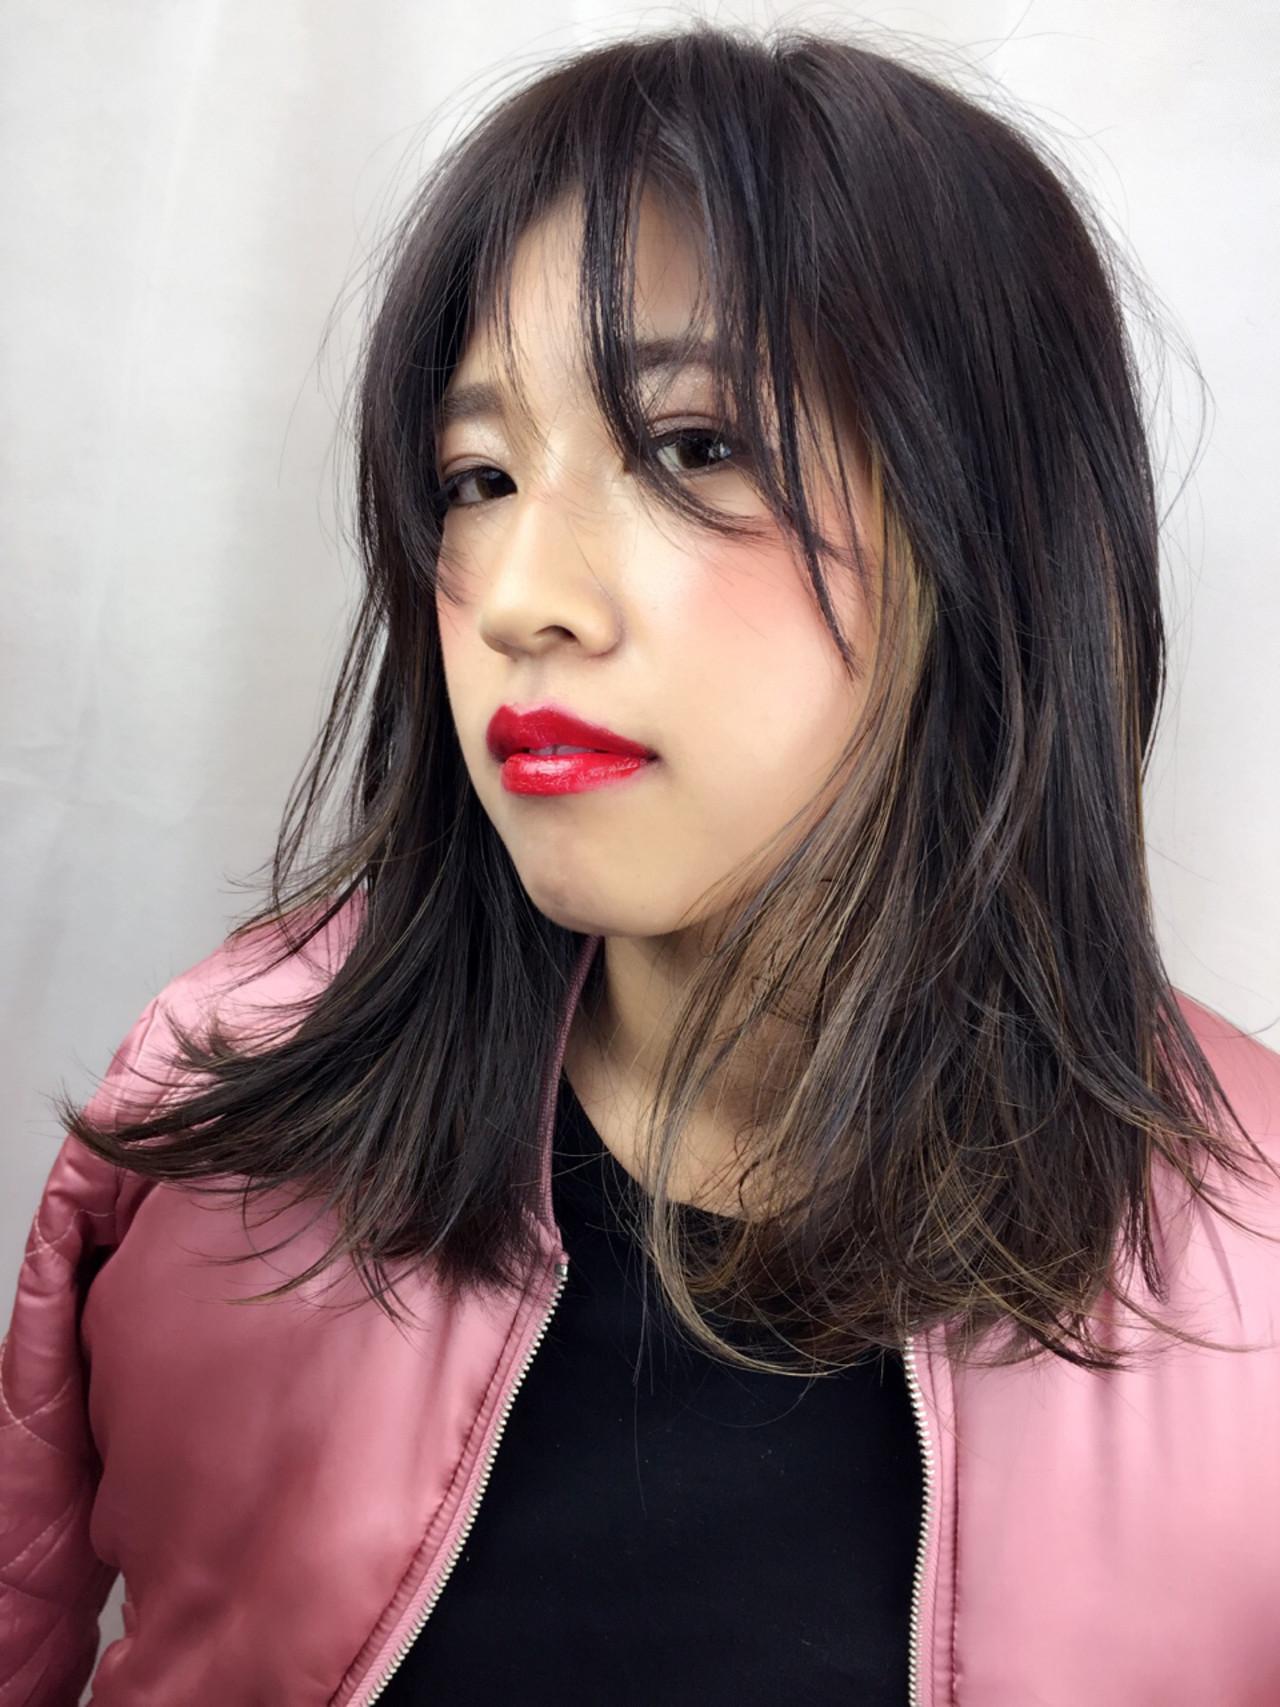 ミディアム ストリート ハイライト インナーカラー ヘアスタイルや髪型の写真・画像